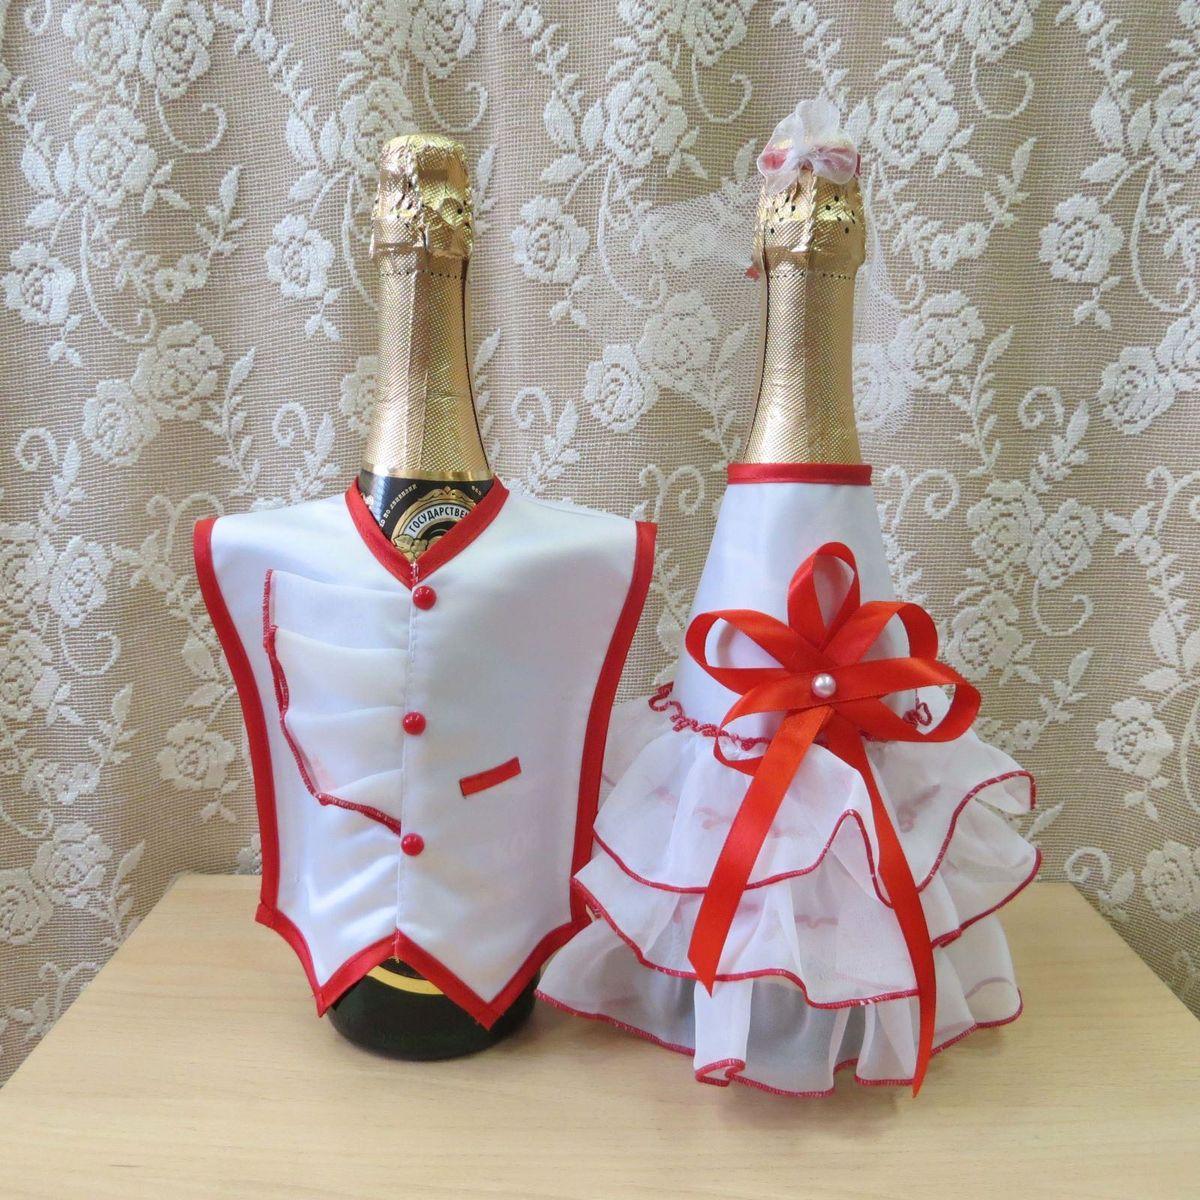 Sima-land Одежда на бутылку, белая, красное оформление